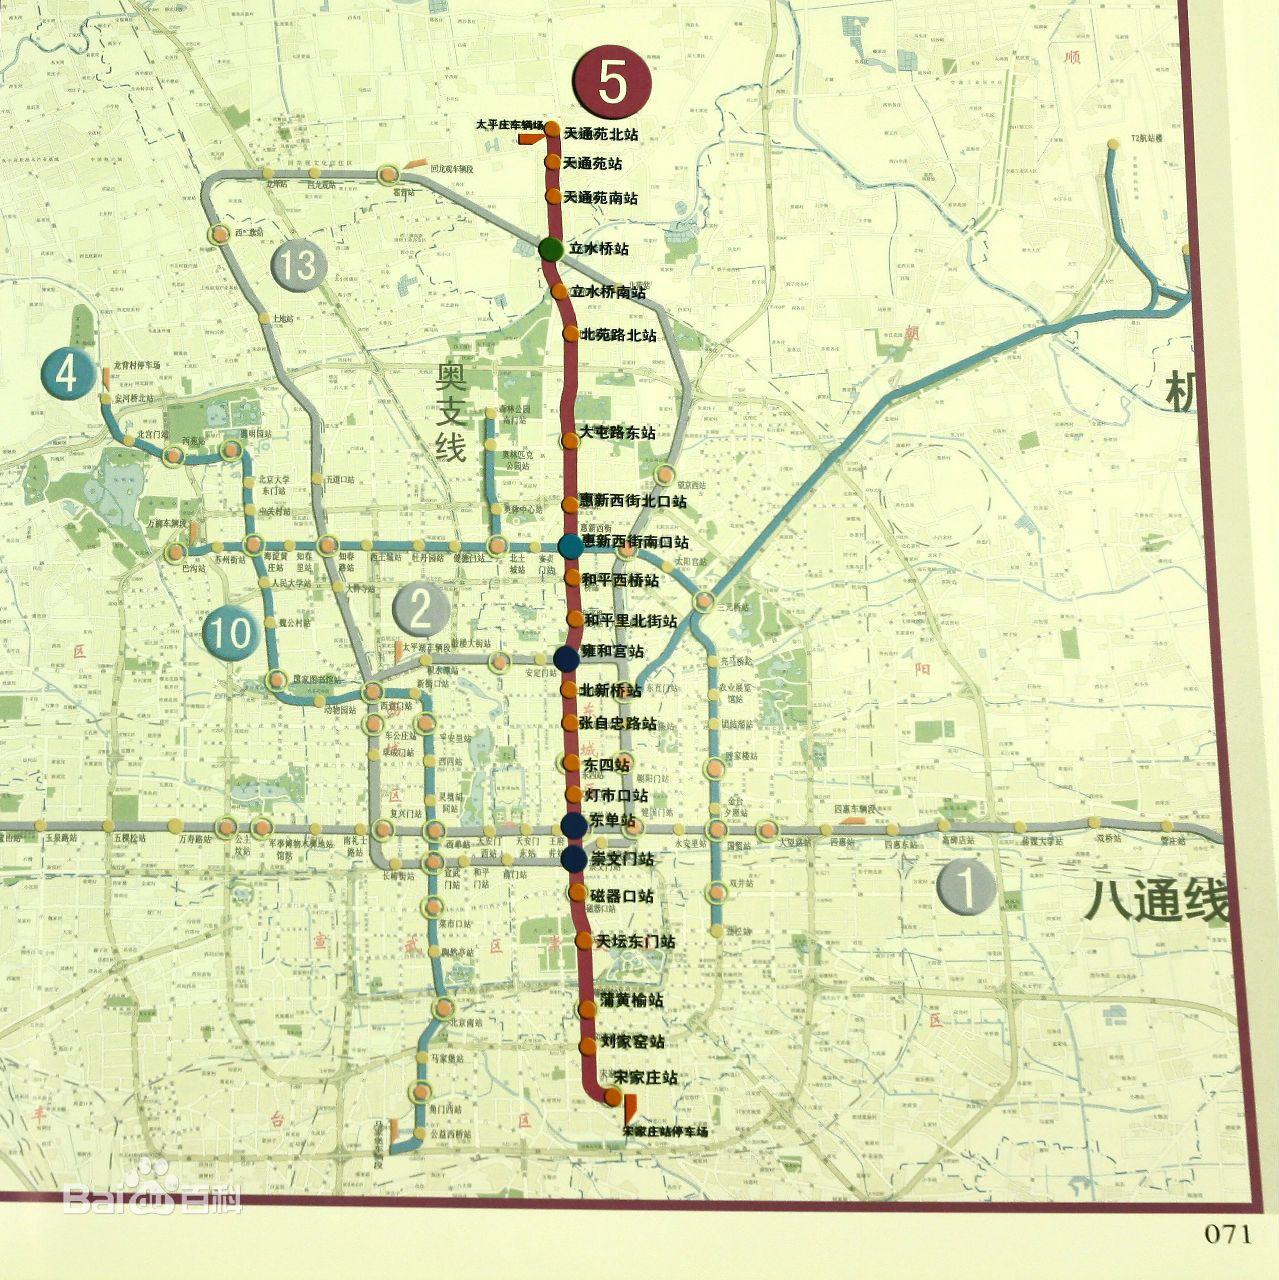 福州地铁5号线路图_北京地铁5号线图片_百度百科